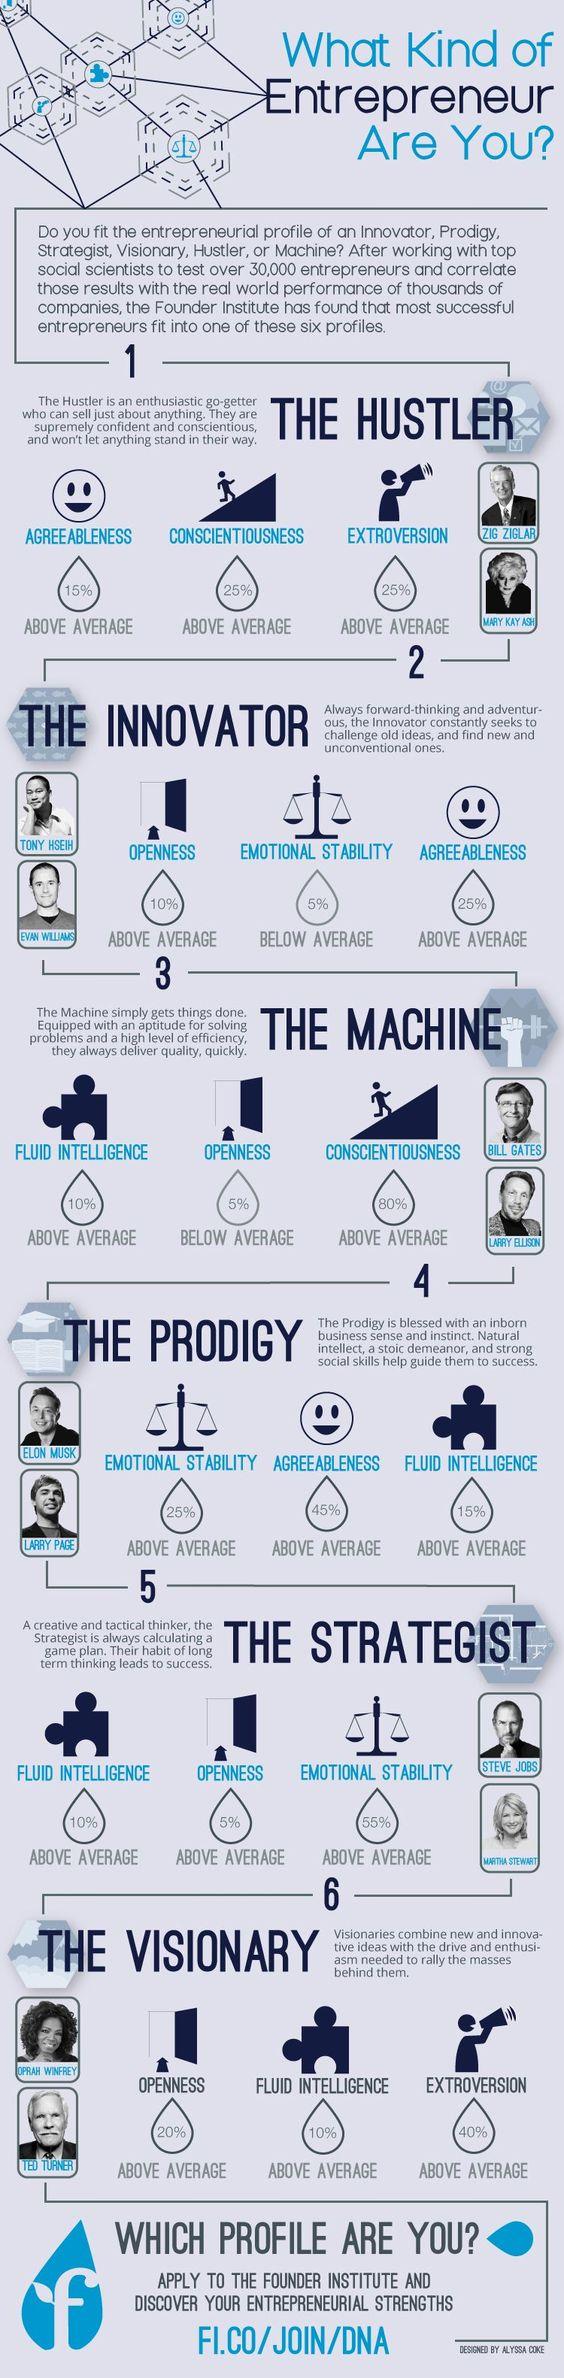 entrepreneur types